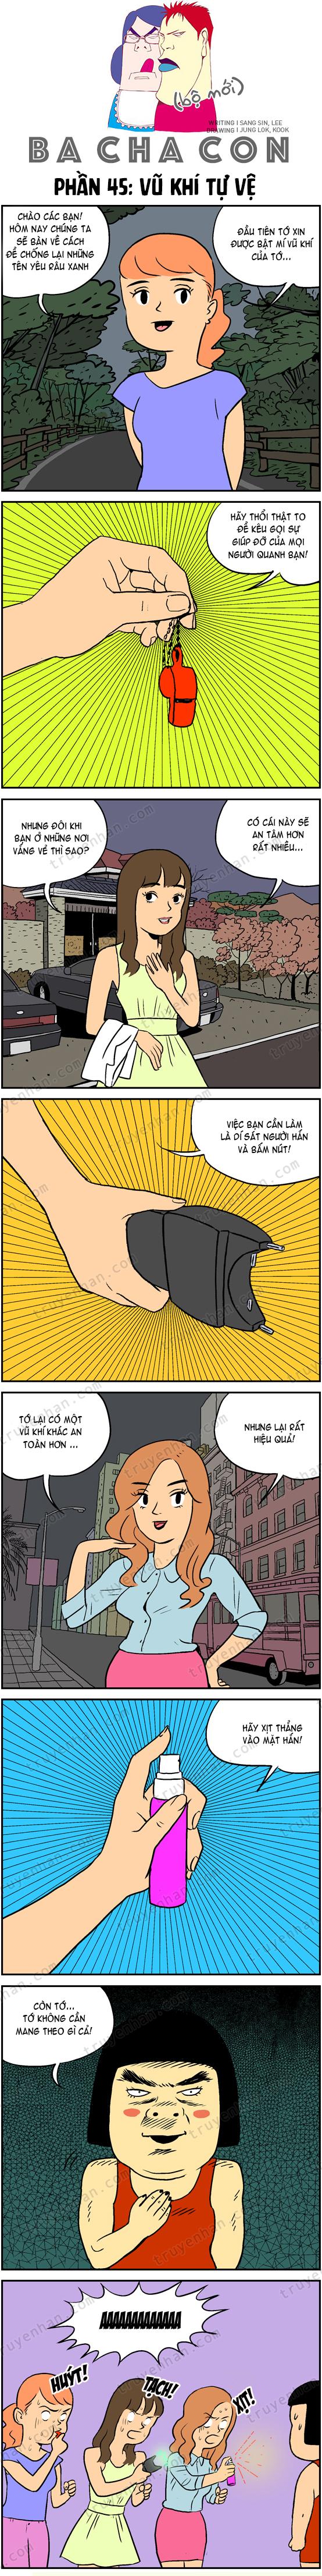 Ba cha con (bộ mới) phần 45: Vũ khí tự vệ